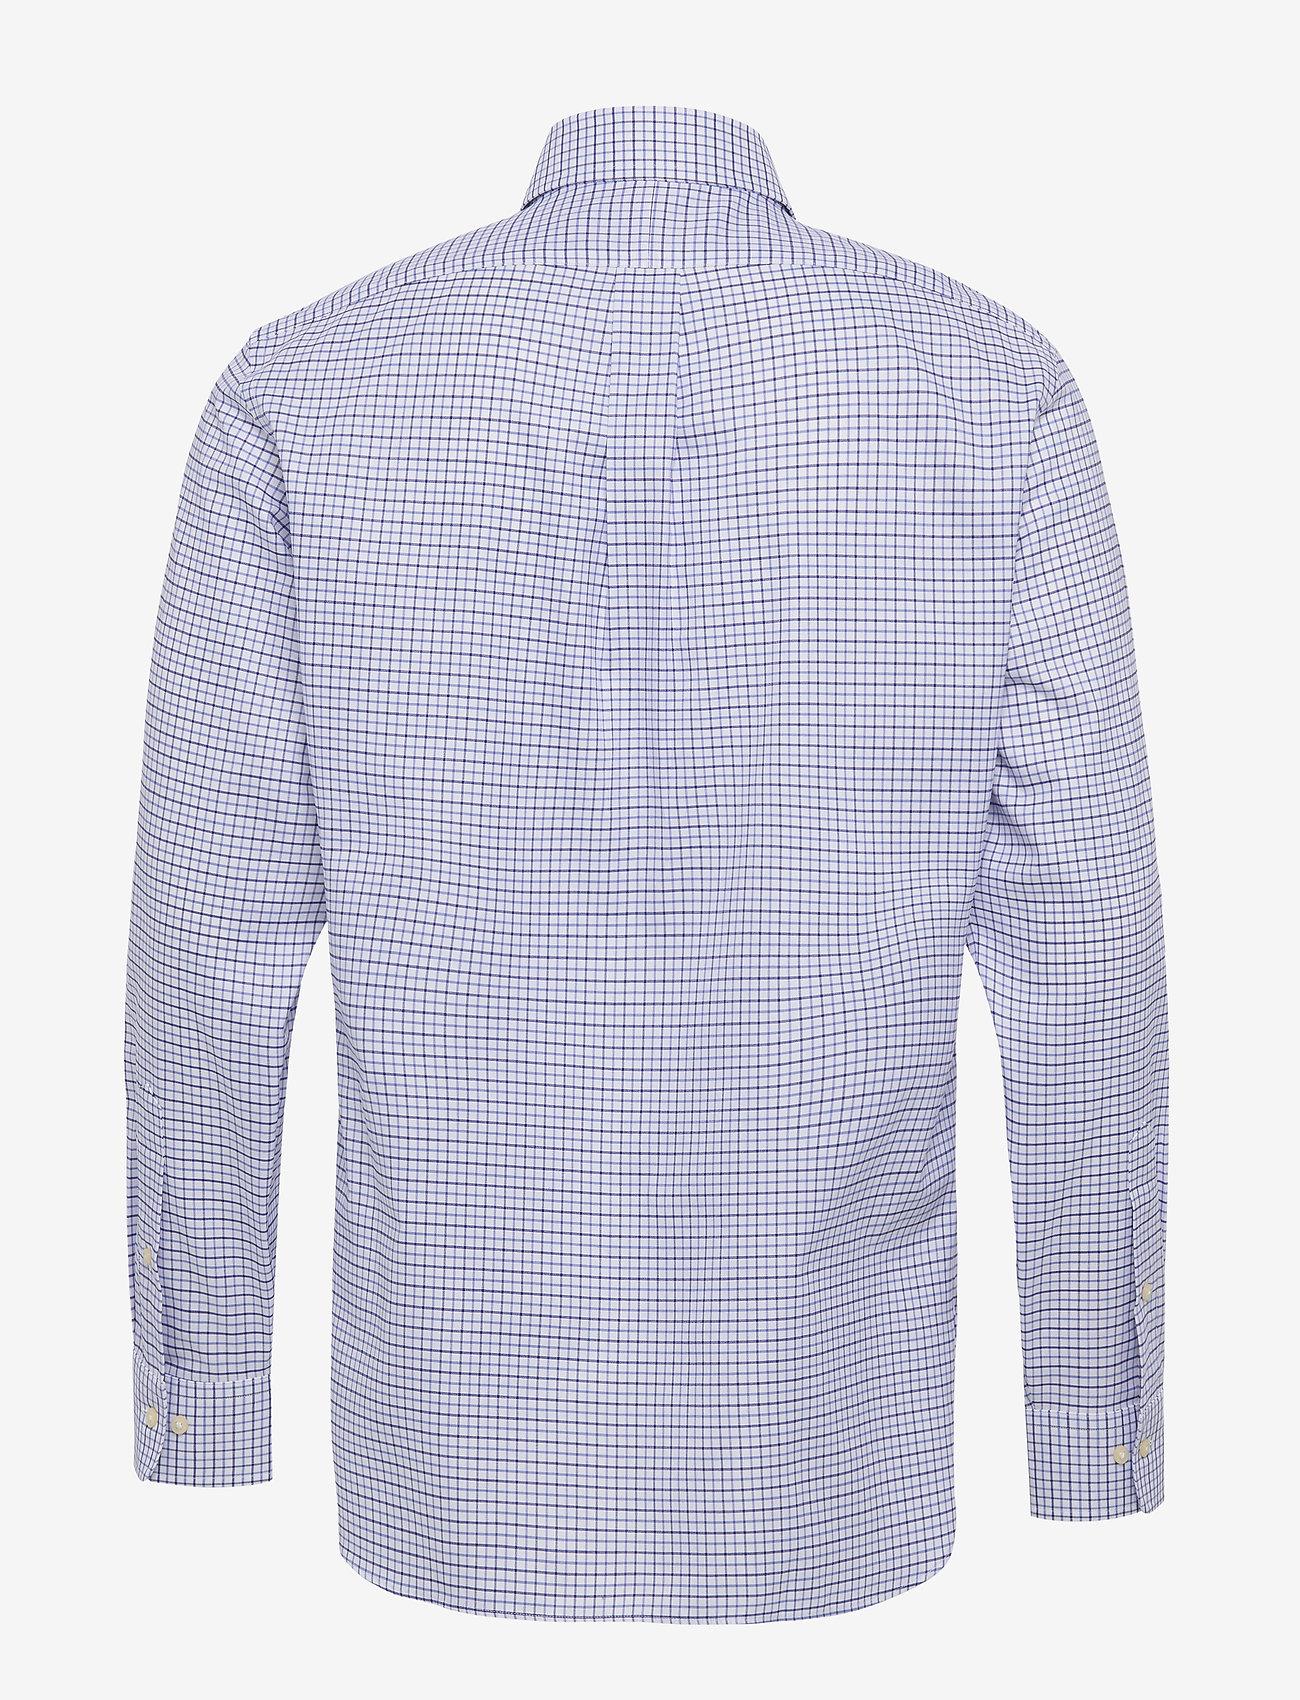 Polo Ralph Lauren - Custom Fit Tattersall Shirt - koszule w kratkę - 3138a cobalt blue - 1